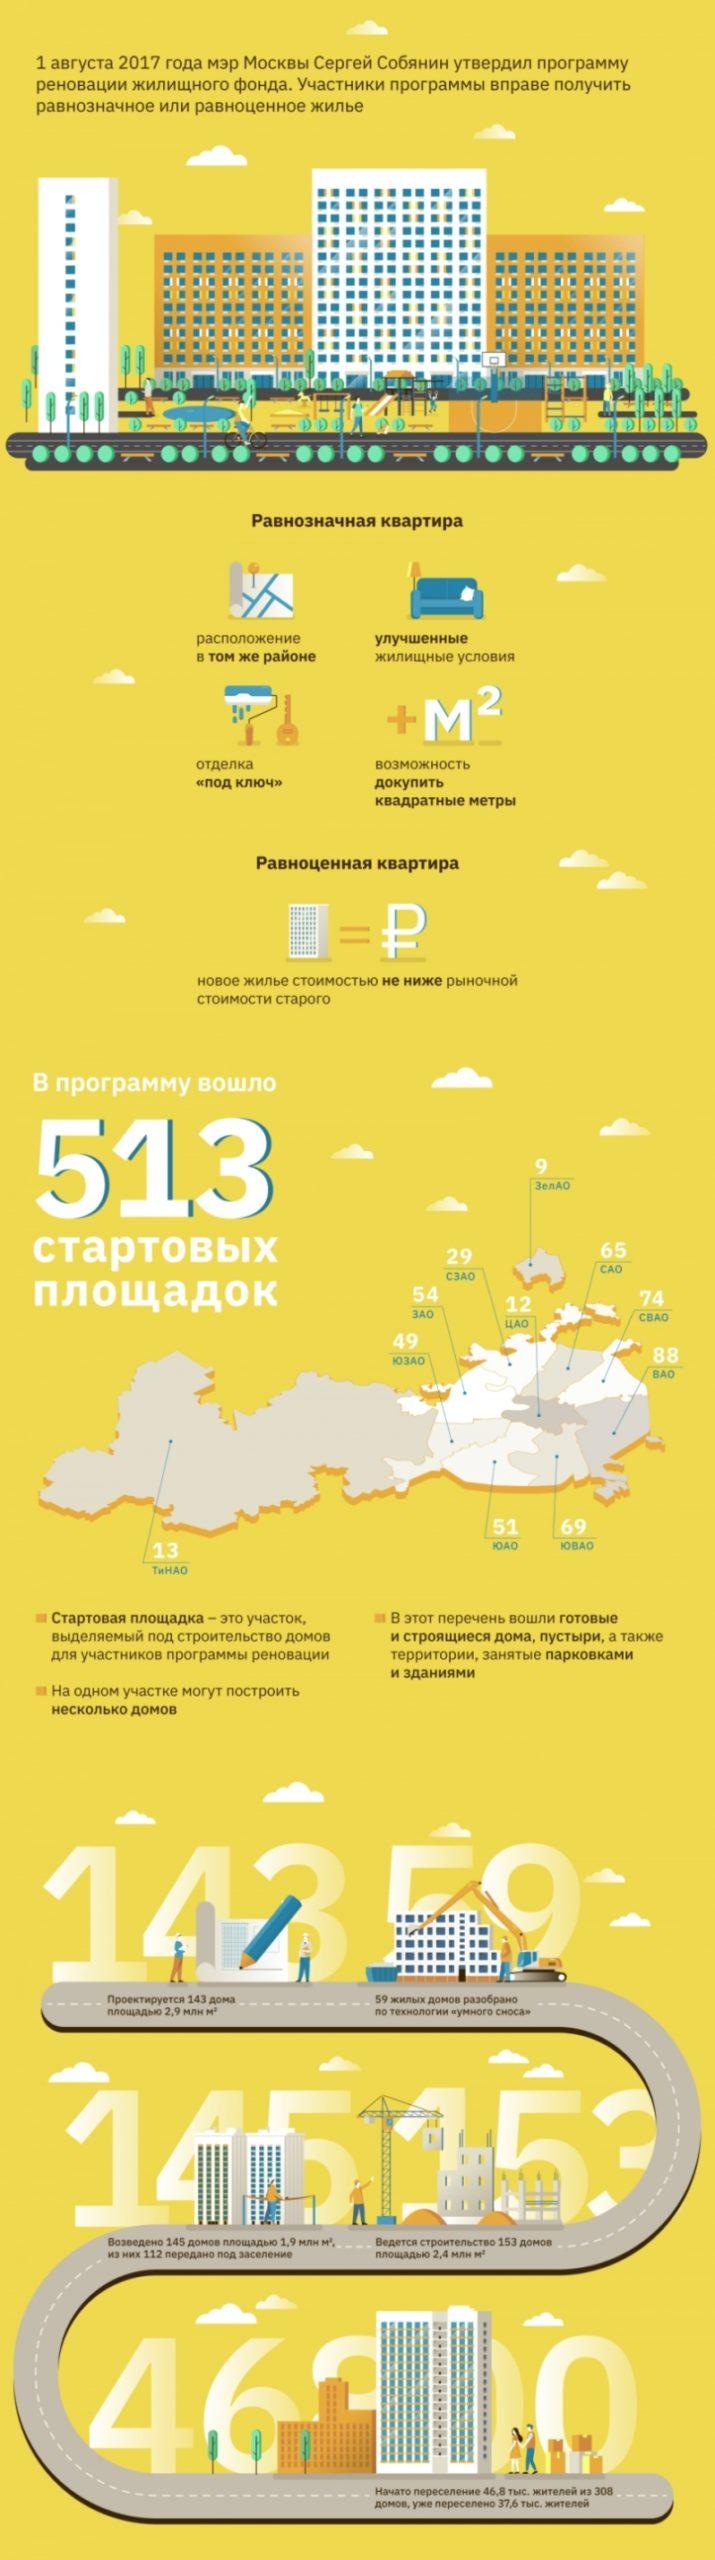 Стартовые площадки для реновации в Москве